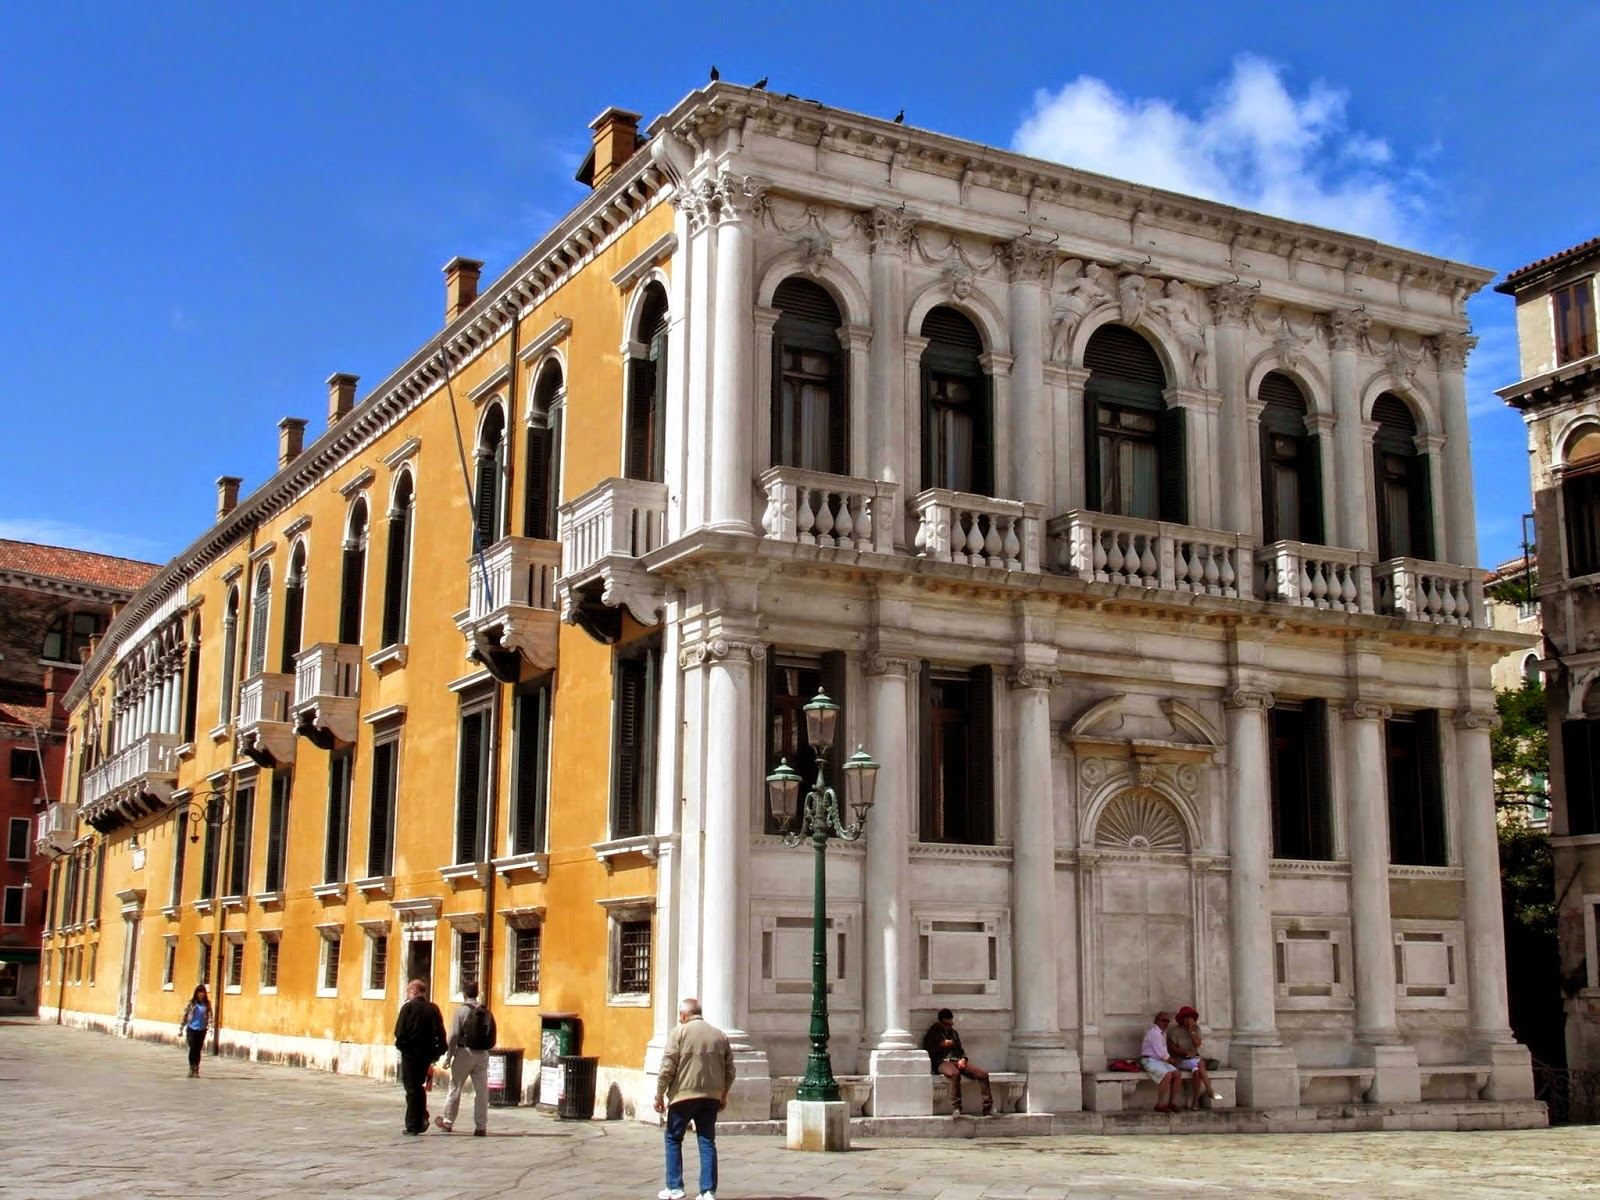 Palazzo Loredan, Campo Santo Stefano, Venice